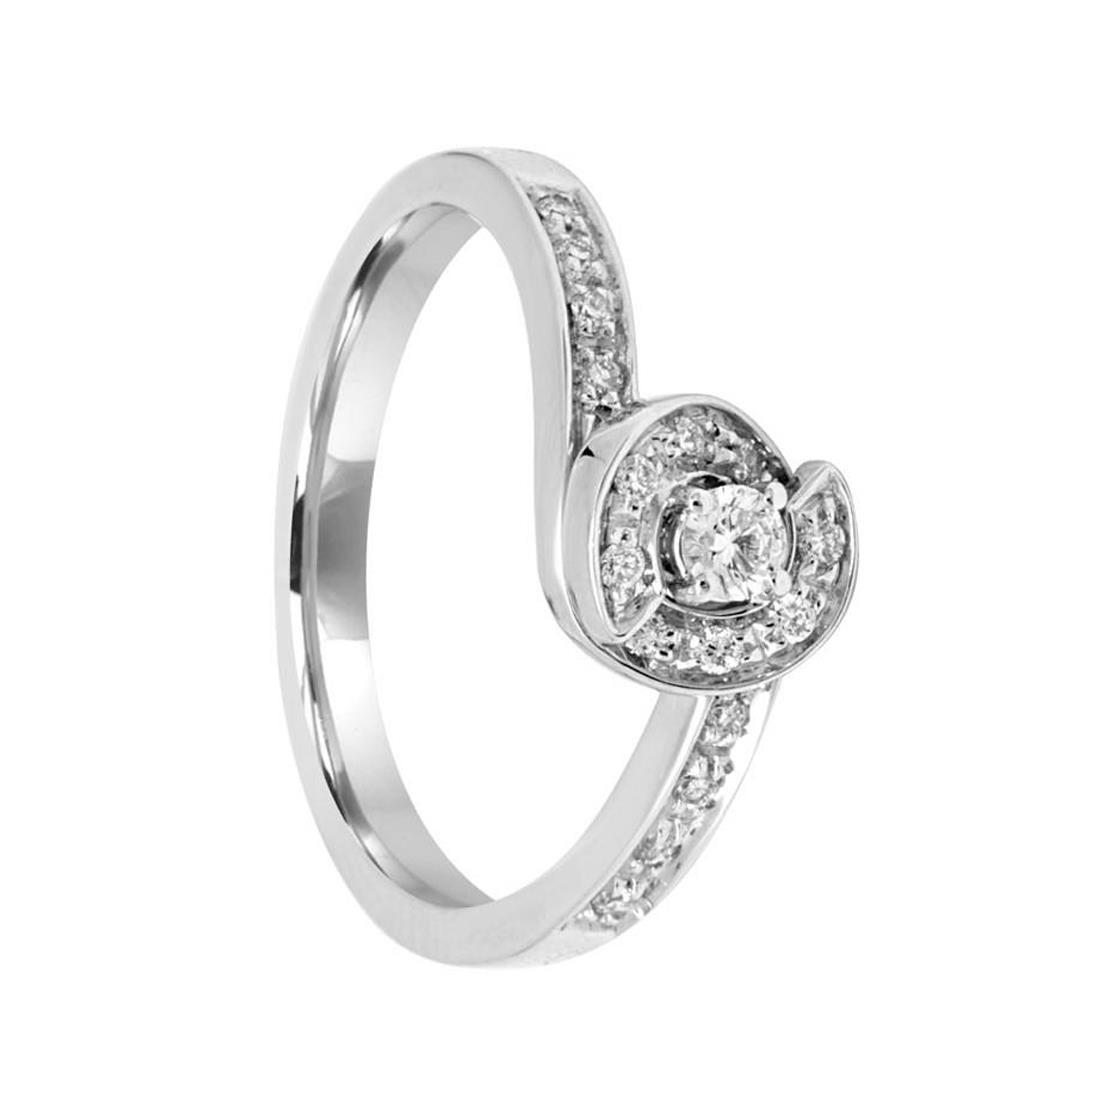 Anello in oro bianco con diamanti ct 0.20 - SALVINI